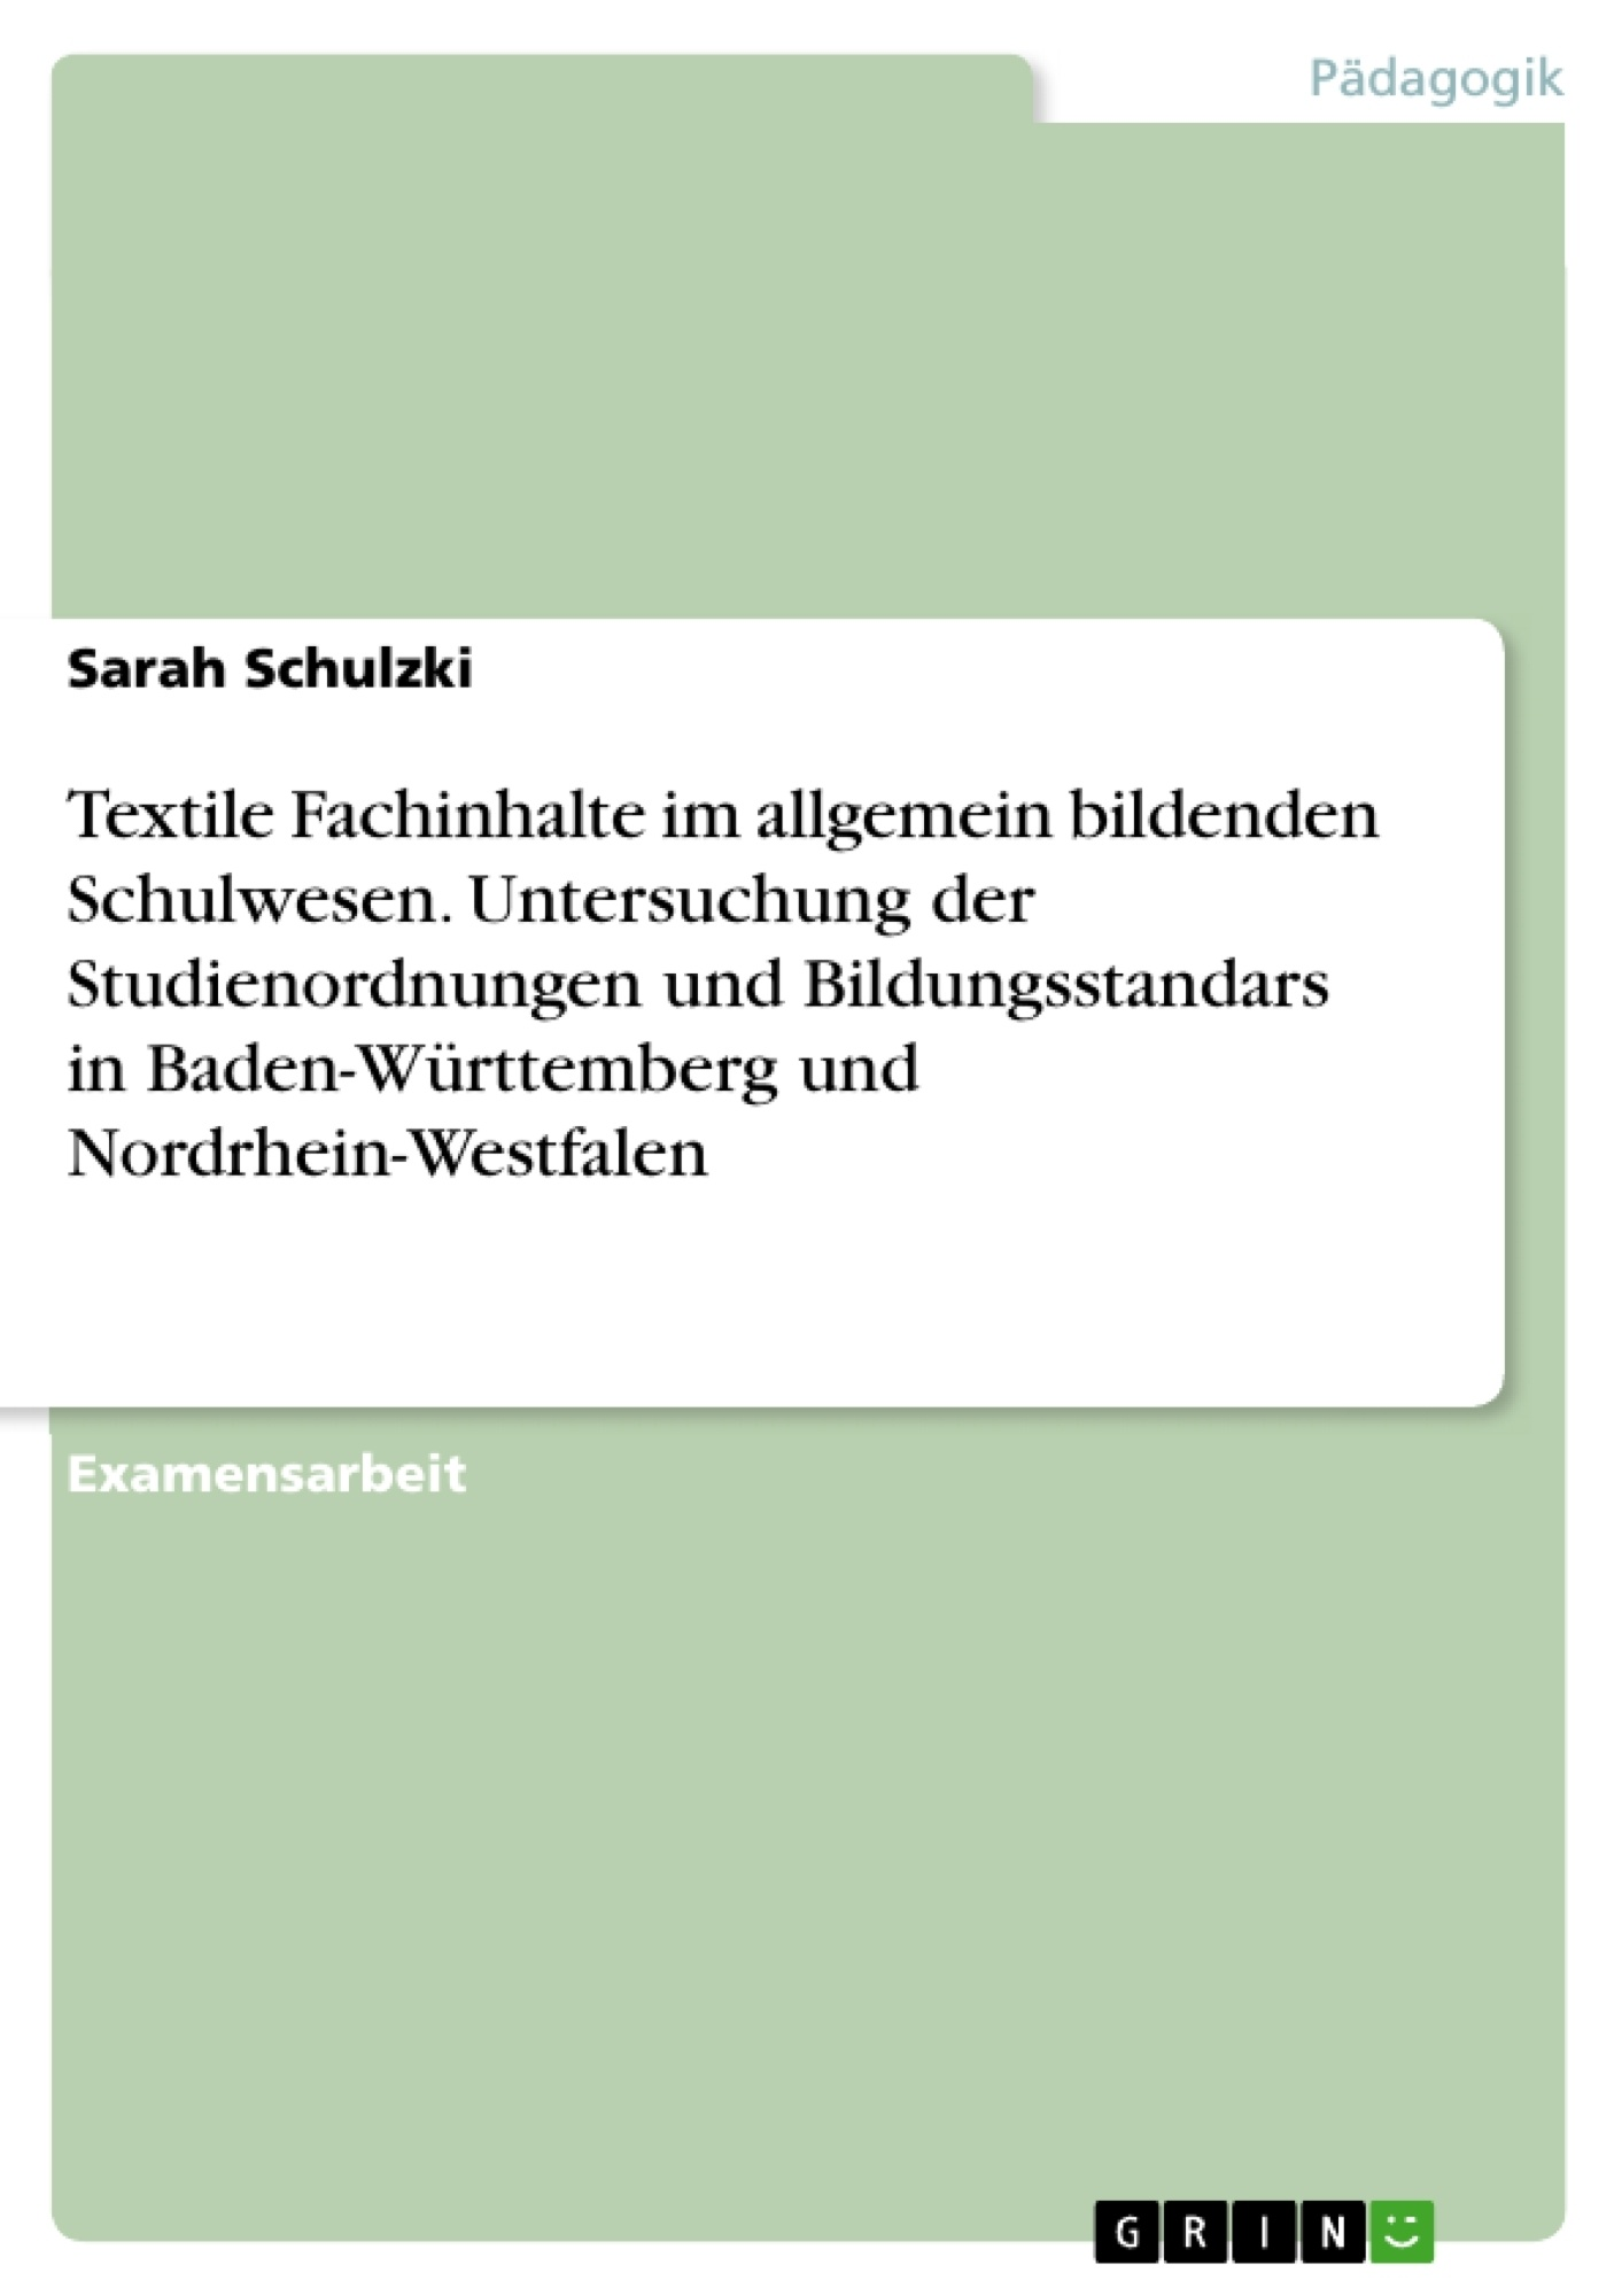 Titel: Textile Fachinhalte im allgemein bildenden Schulwesen. Untersuchung der Studienordnungen und Bildungsstandars in Baden-Württemberg und Nordrhein-Westfalen